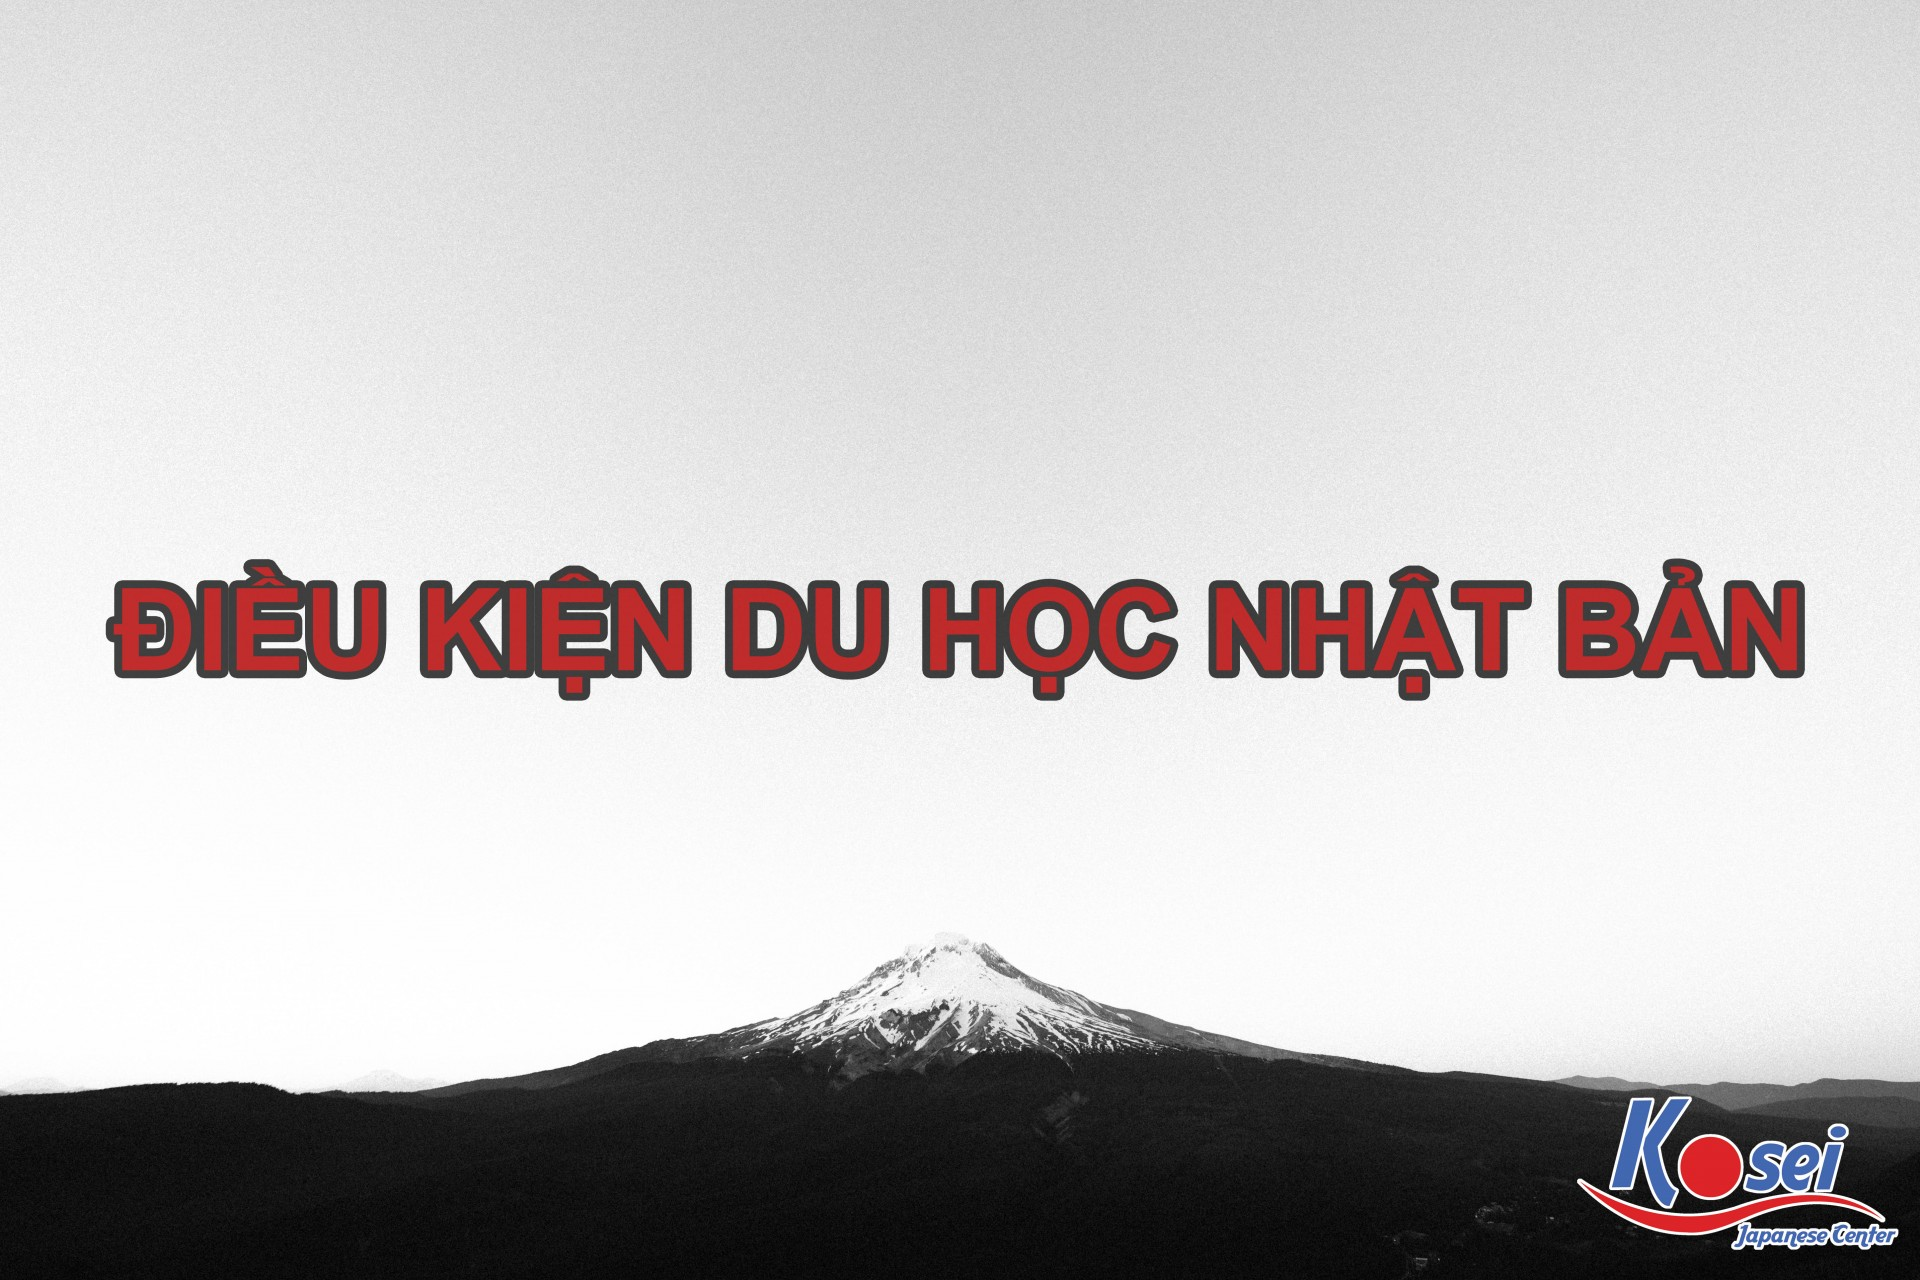 http://kosei.vn/dieu-kien-du-hoc-nhat-ban-n1409.html